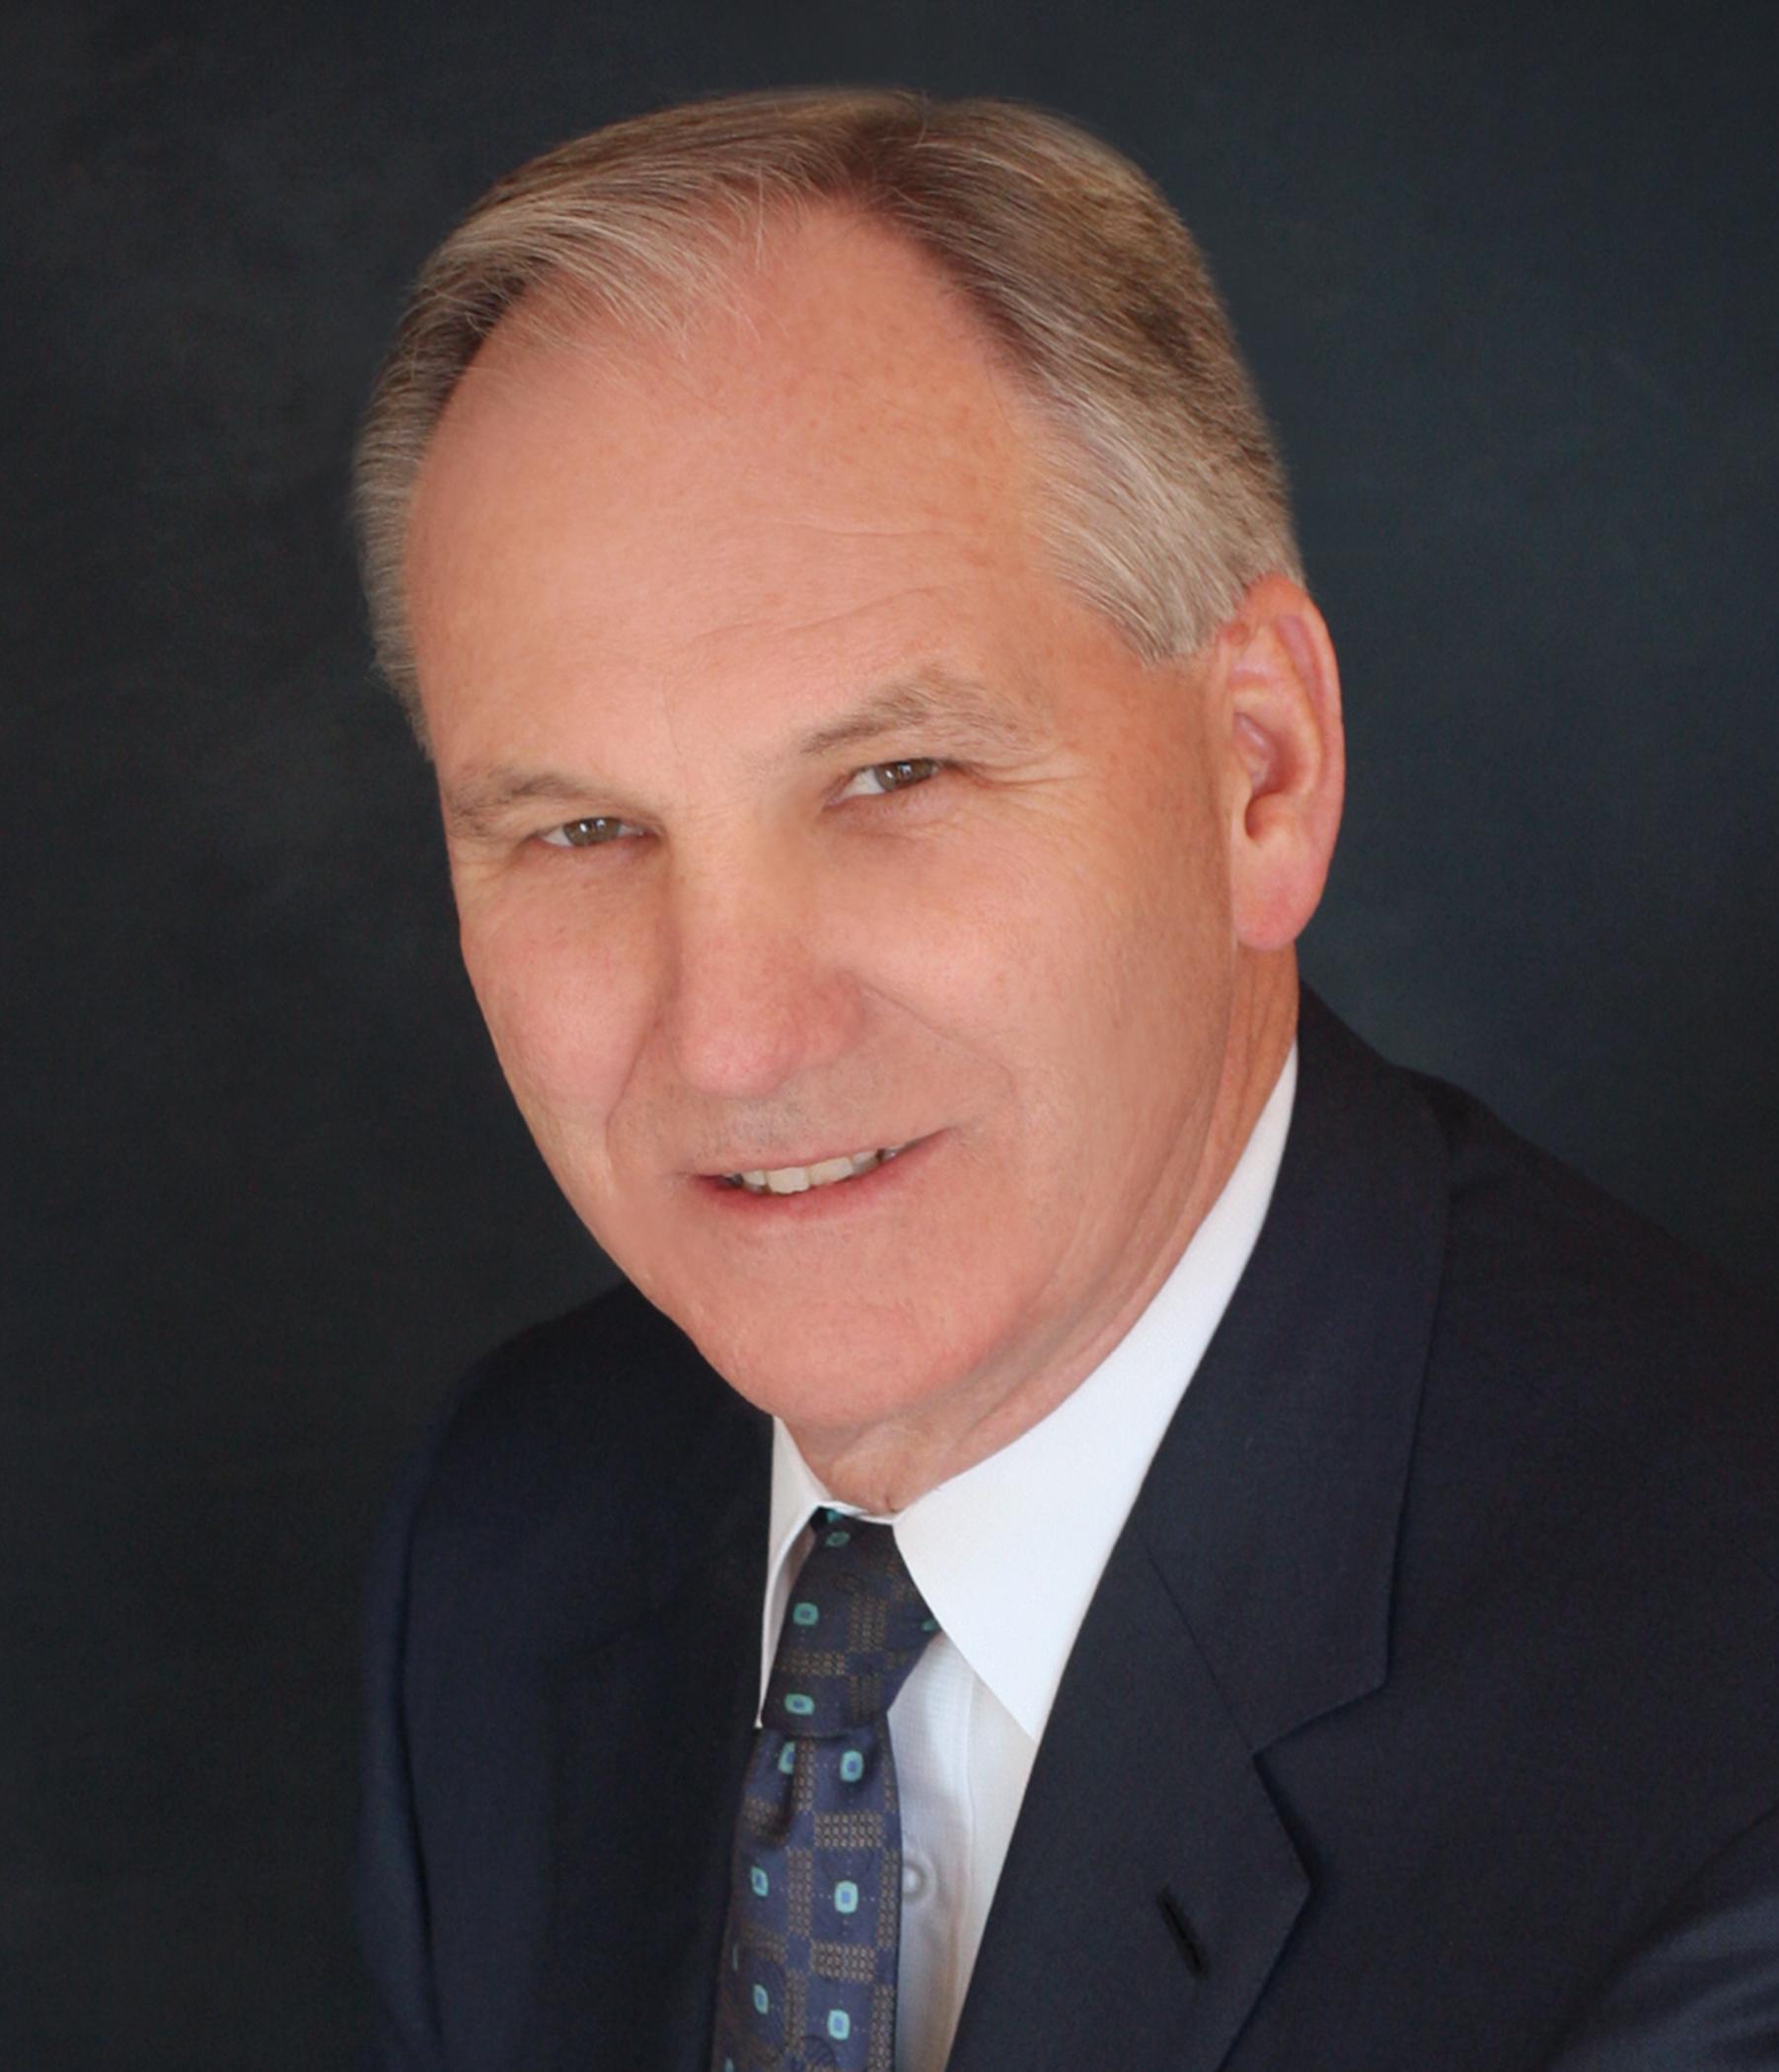 Ben Maibach III